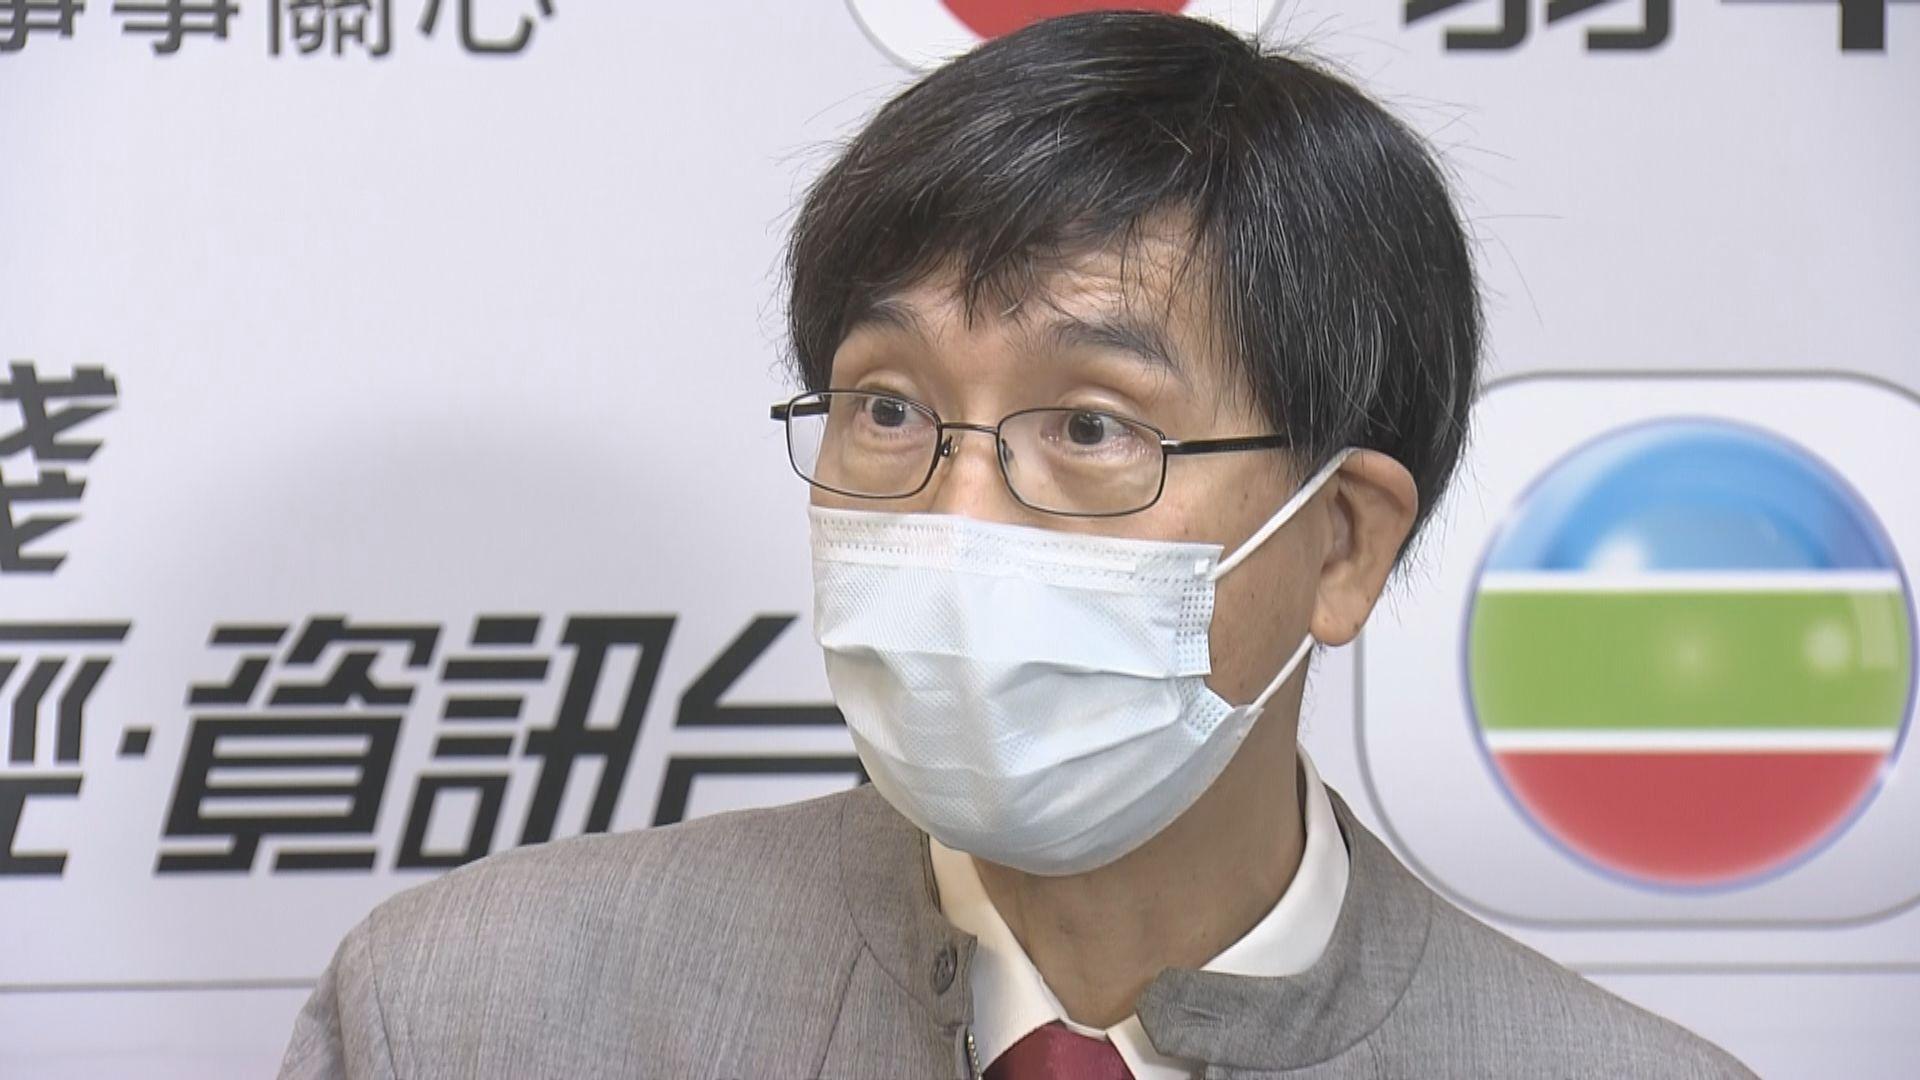 袁國勇:3%高危群組深喉唾液樣本檢測不到人類基因